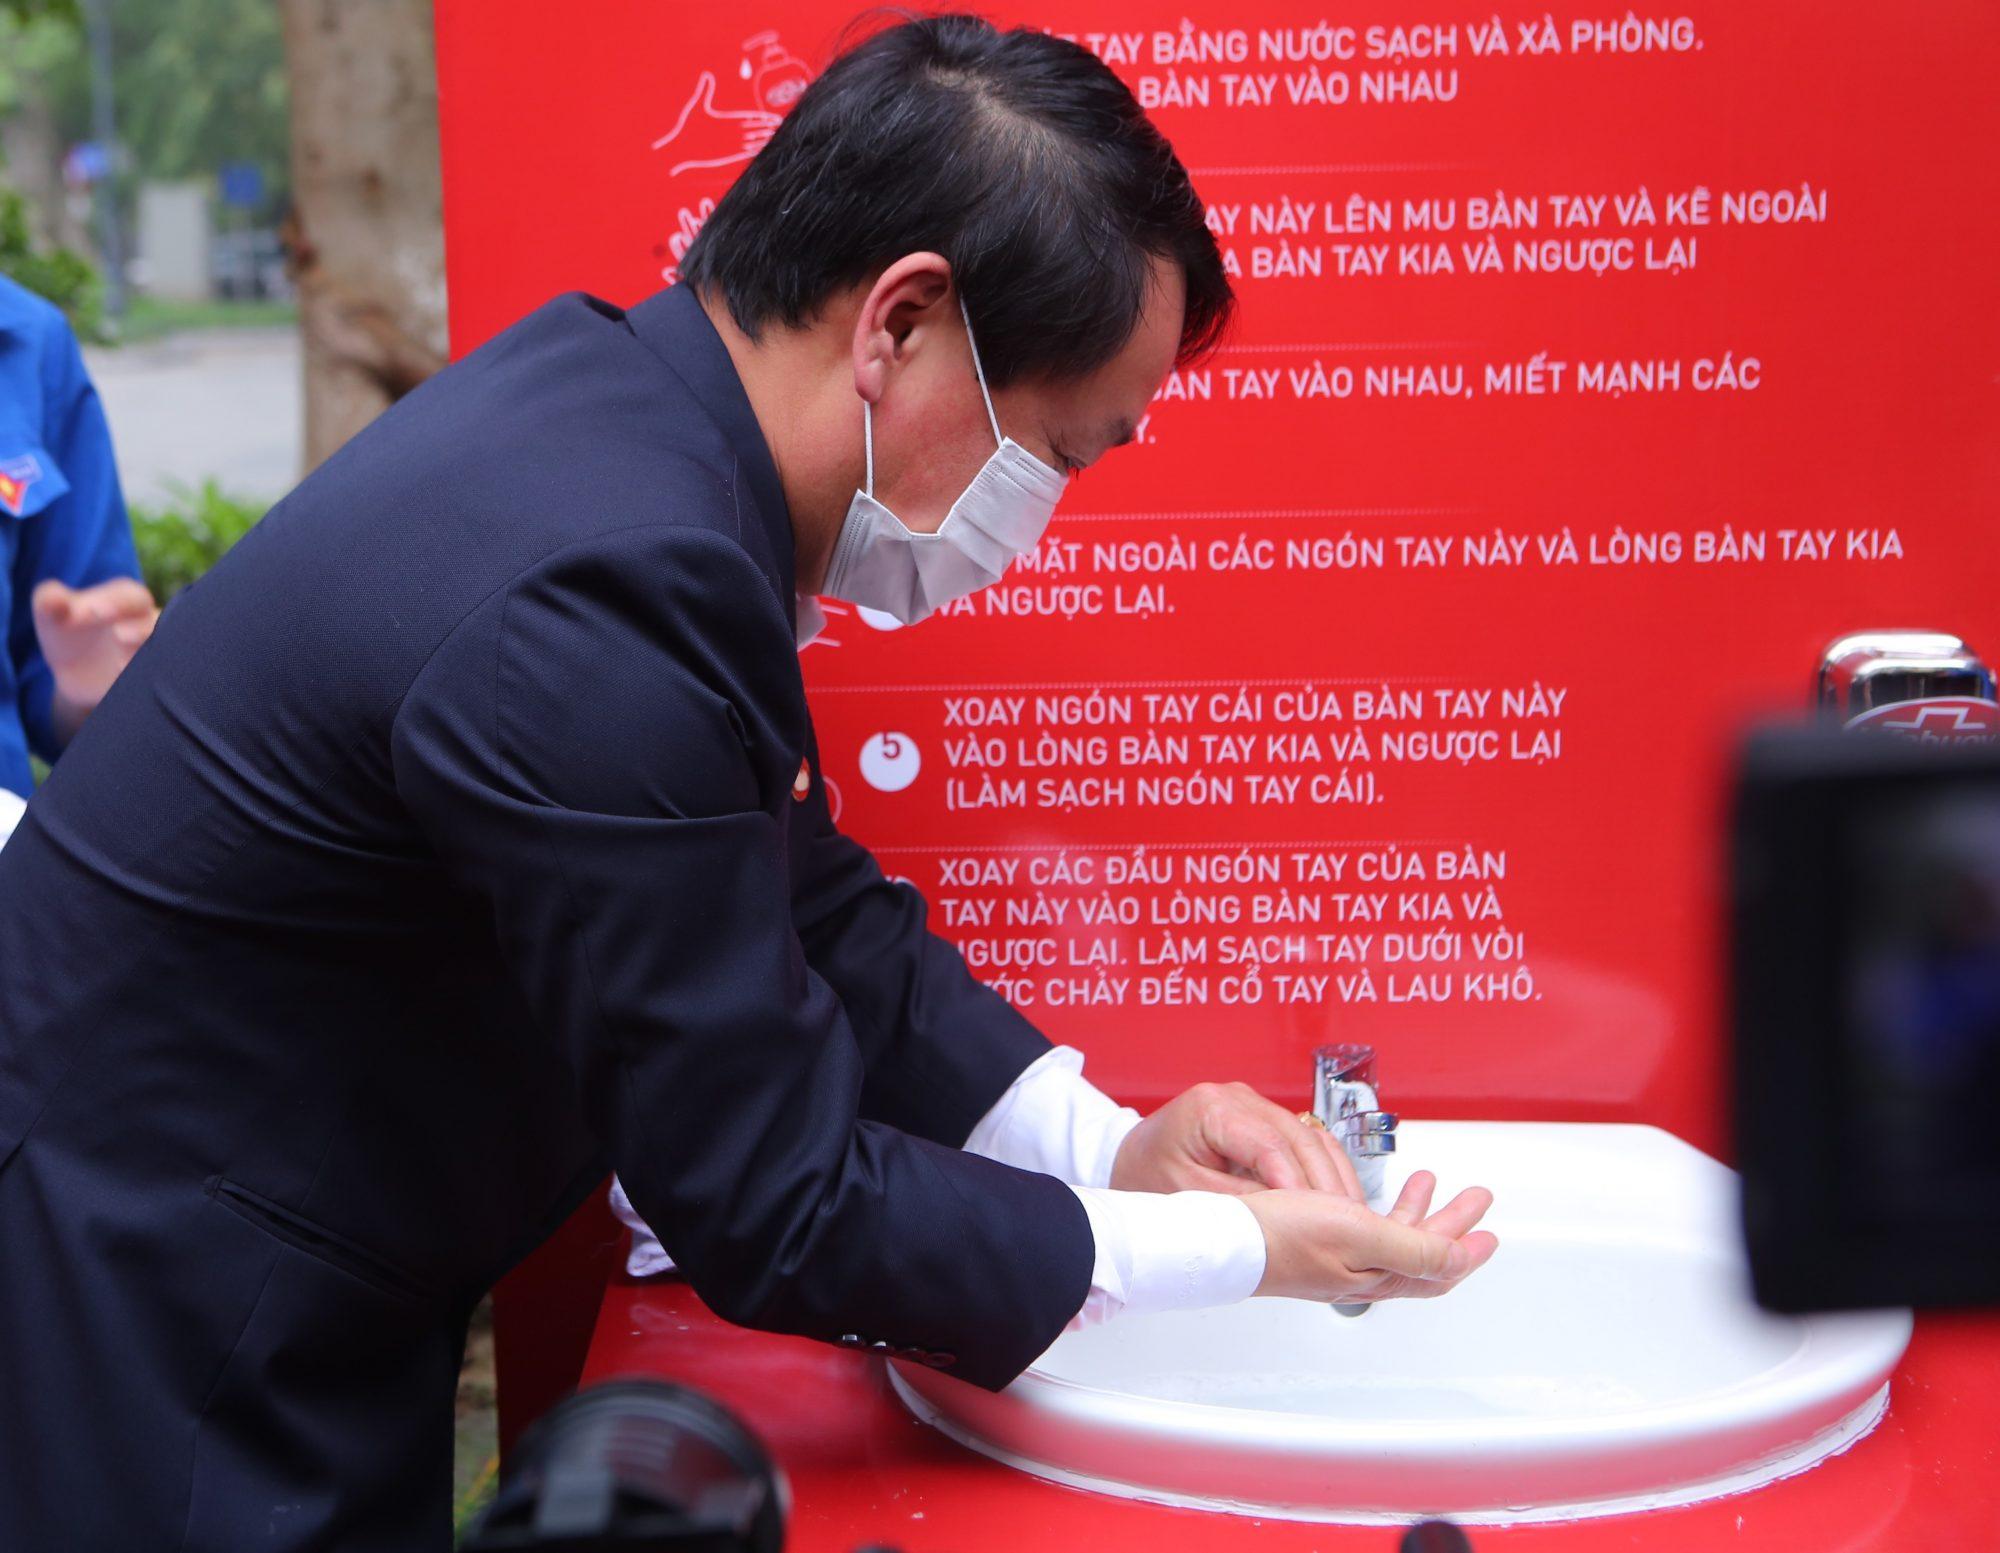 Sức khỏe - Chi Pu làm đại sứ của Quỹ 100 trạm rửa tay dã chiến phòng chống dịch Covid - 19 (Hình 7).